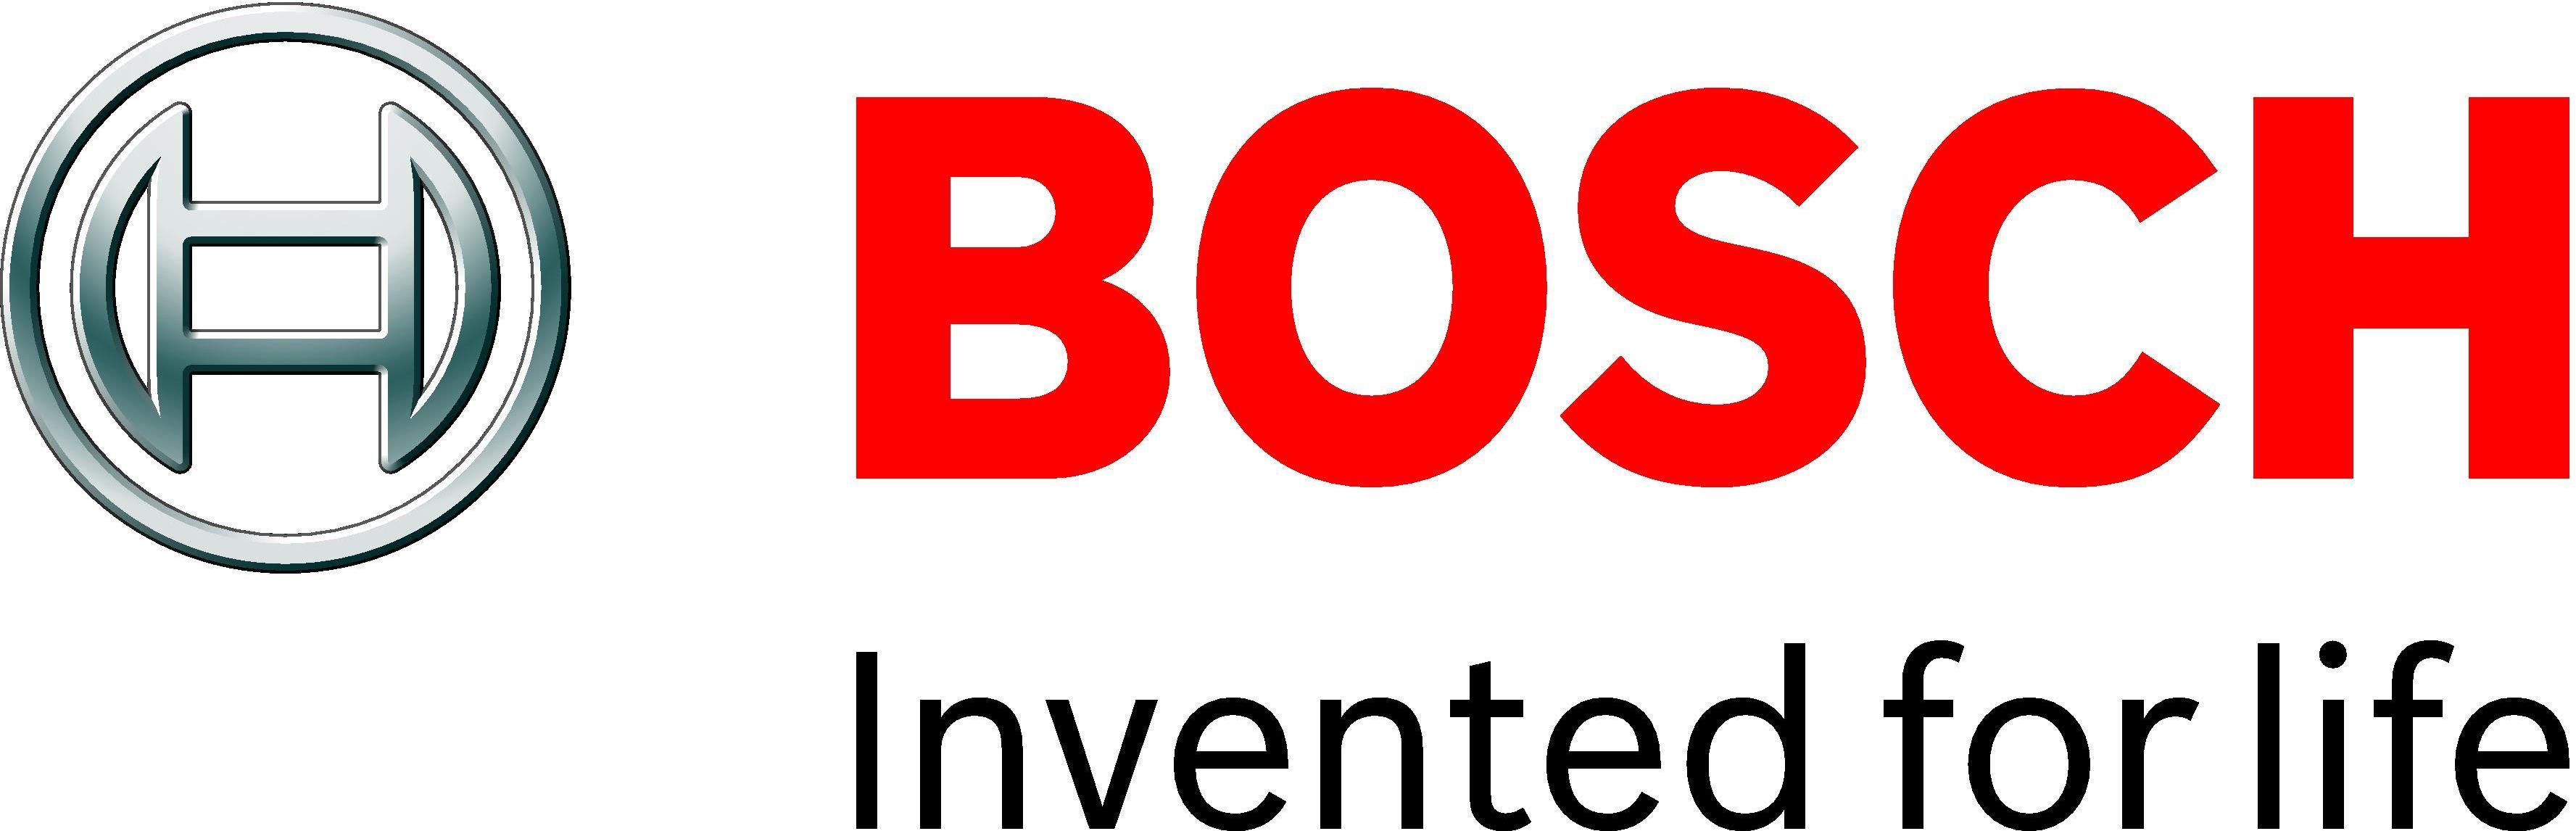 Allenarsi per il futuro: Bosch vince l'Oscar dello Sport 2017 thumbnail